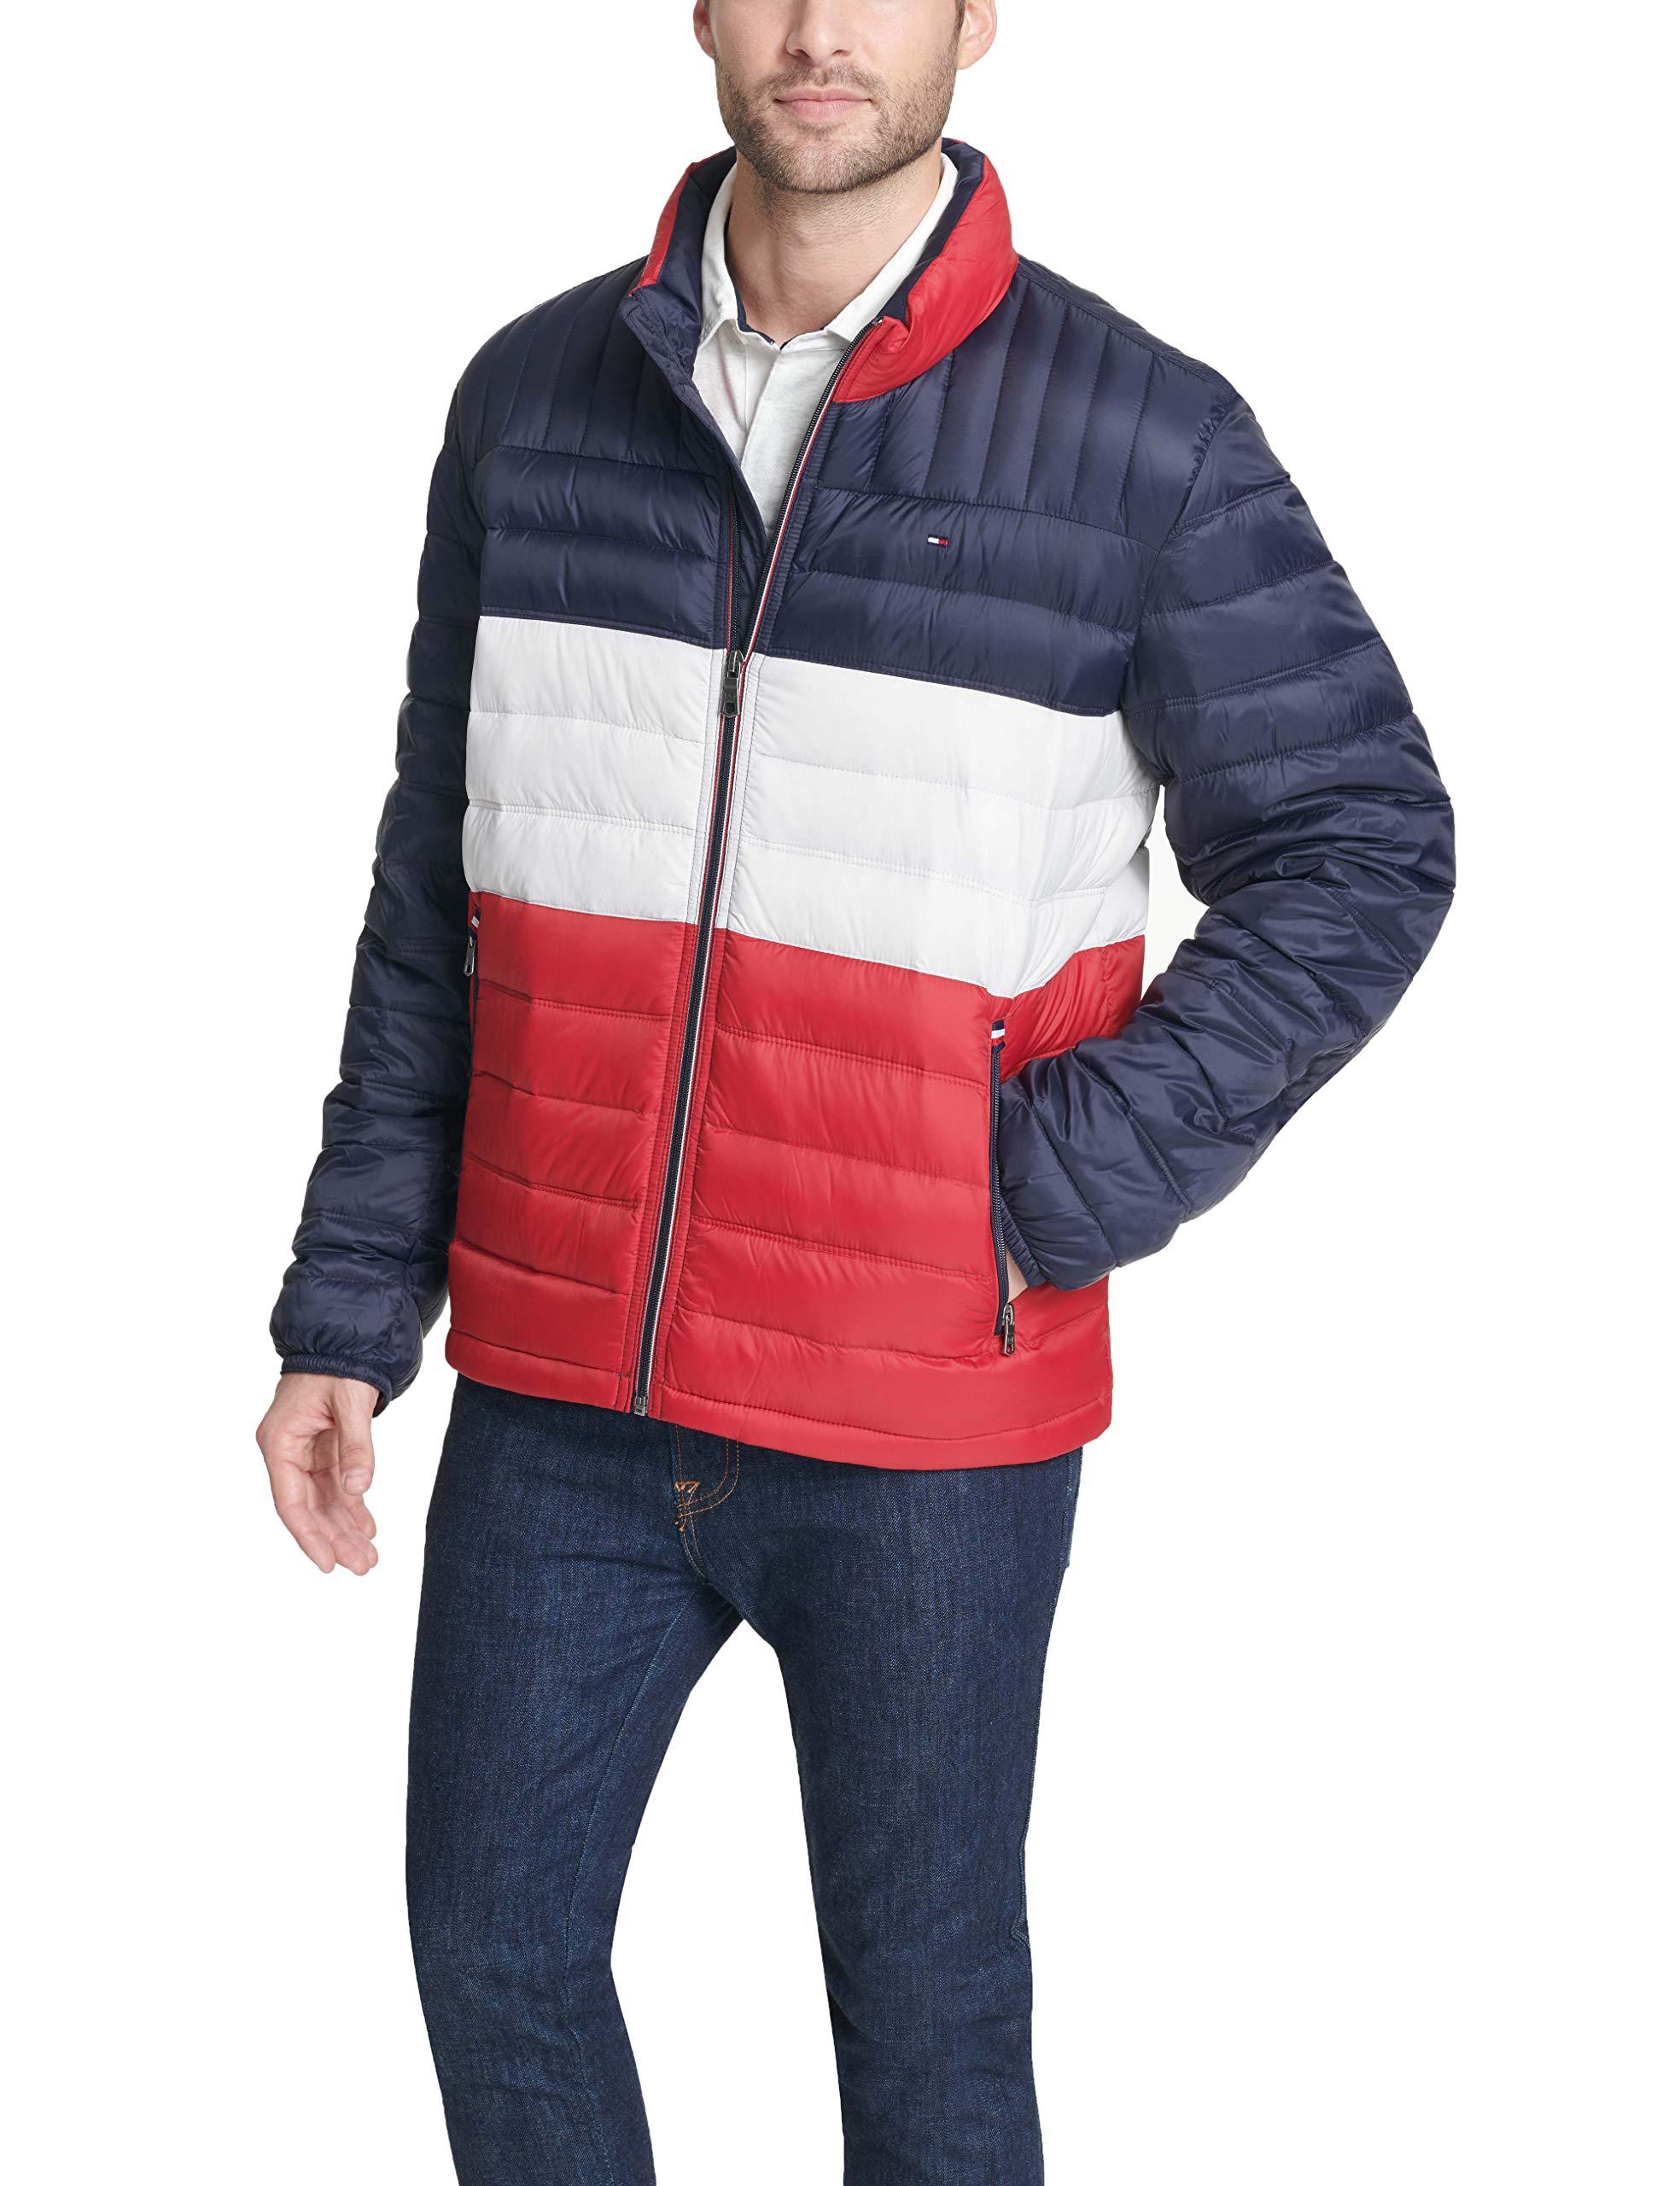 Regular and Big /& Tall Tommy Hilfiger Mens Ultra Loft Lightweight Packable Puffer Jacket